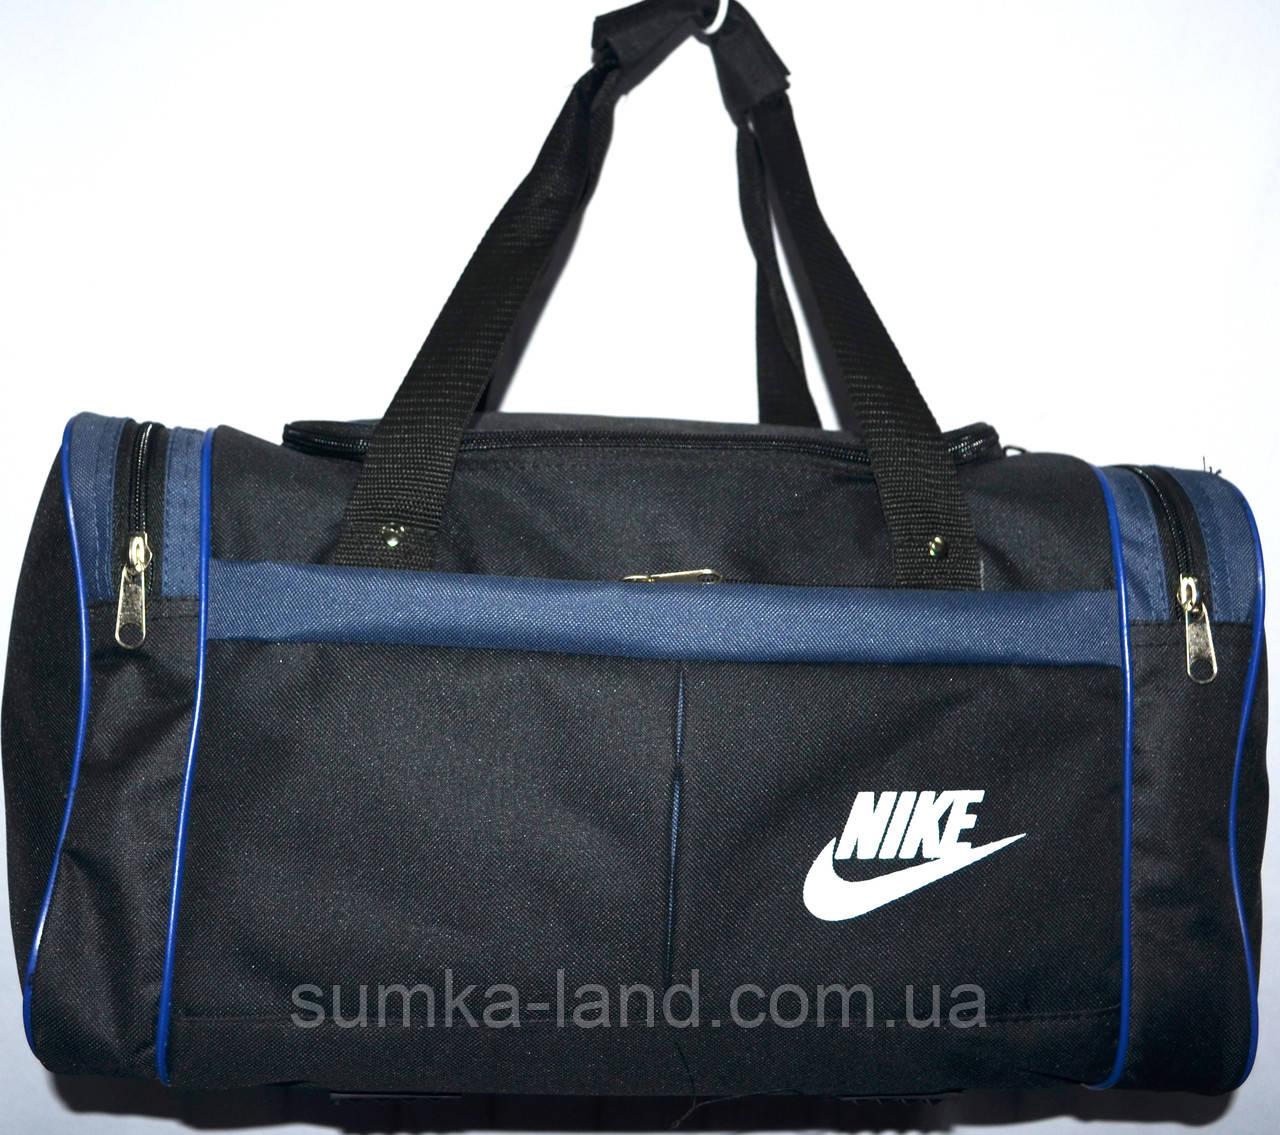 Спортивная дорожная сумка МАЛ\ 46*23 (4 цвета)